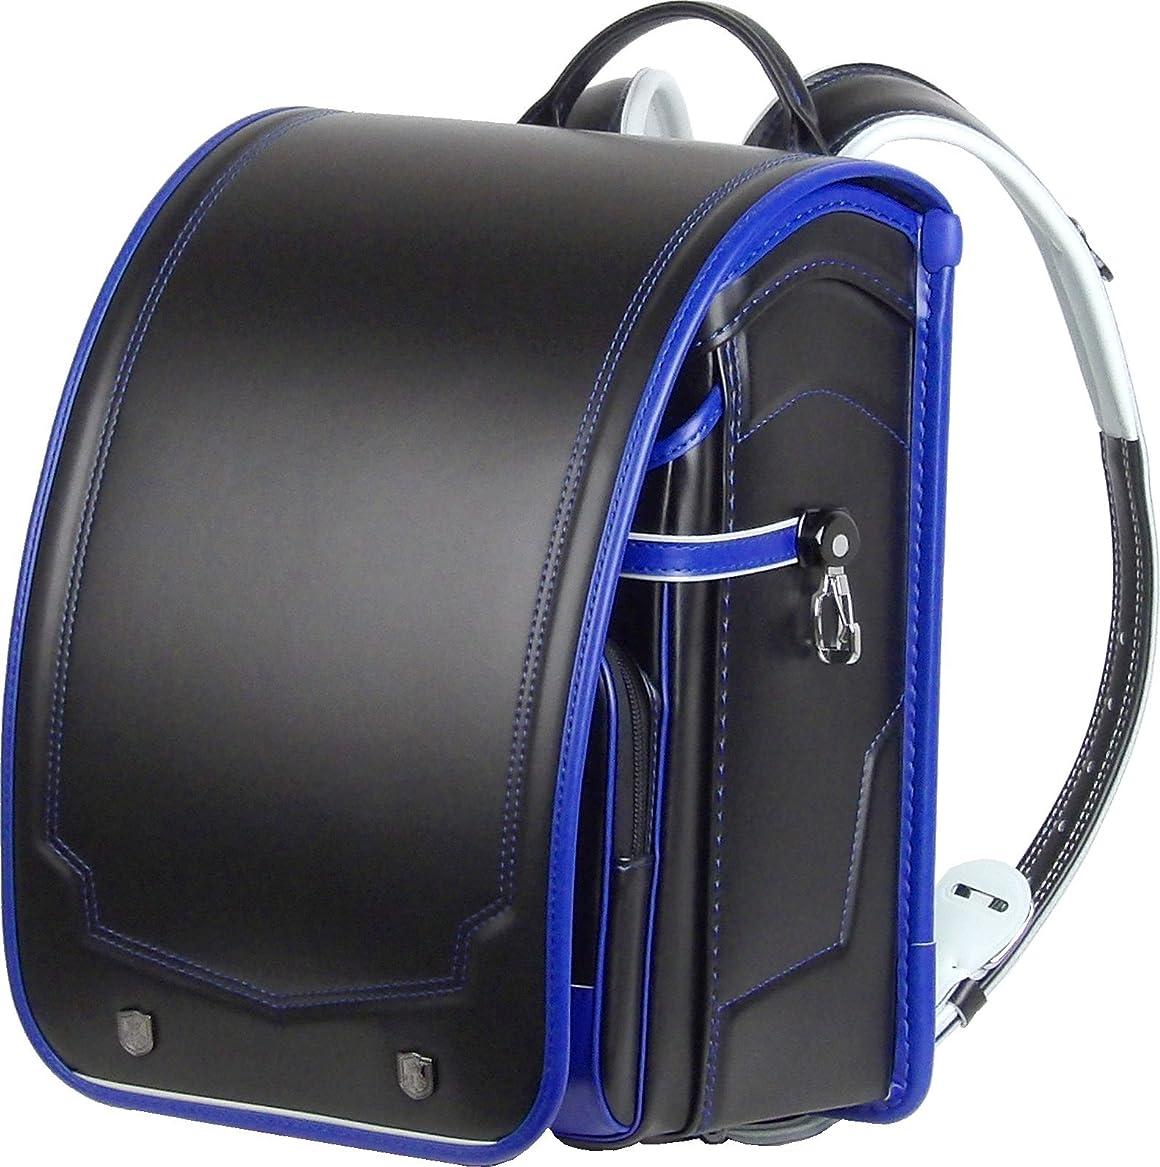 ずらす好奇心盛膨らみ日本製 ふわりぃ コンビカラー ランドセル ? 黒 (ブラック) ×ロイヤルブルー(フチ)? カブセ表に強力耐傷素材レミニカ使用 外せる持ち手ハンドル付 A4ポケットファイル 収納サイズ